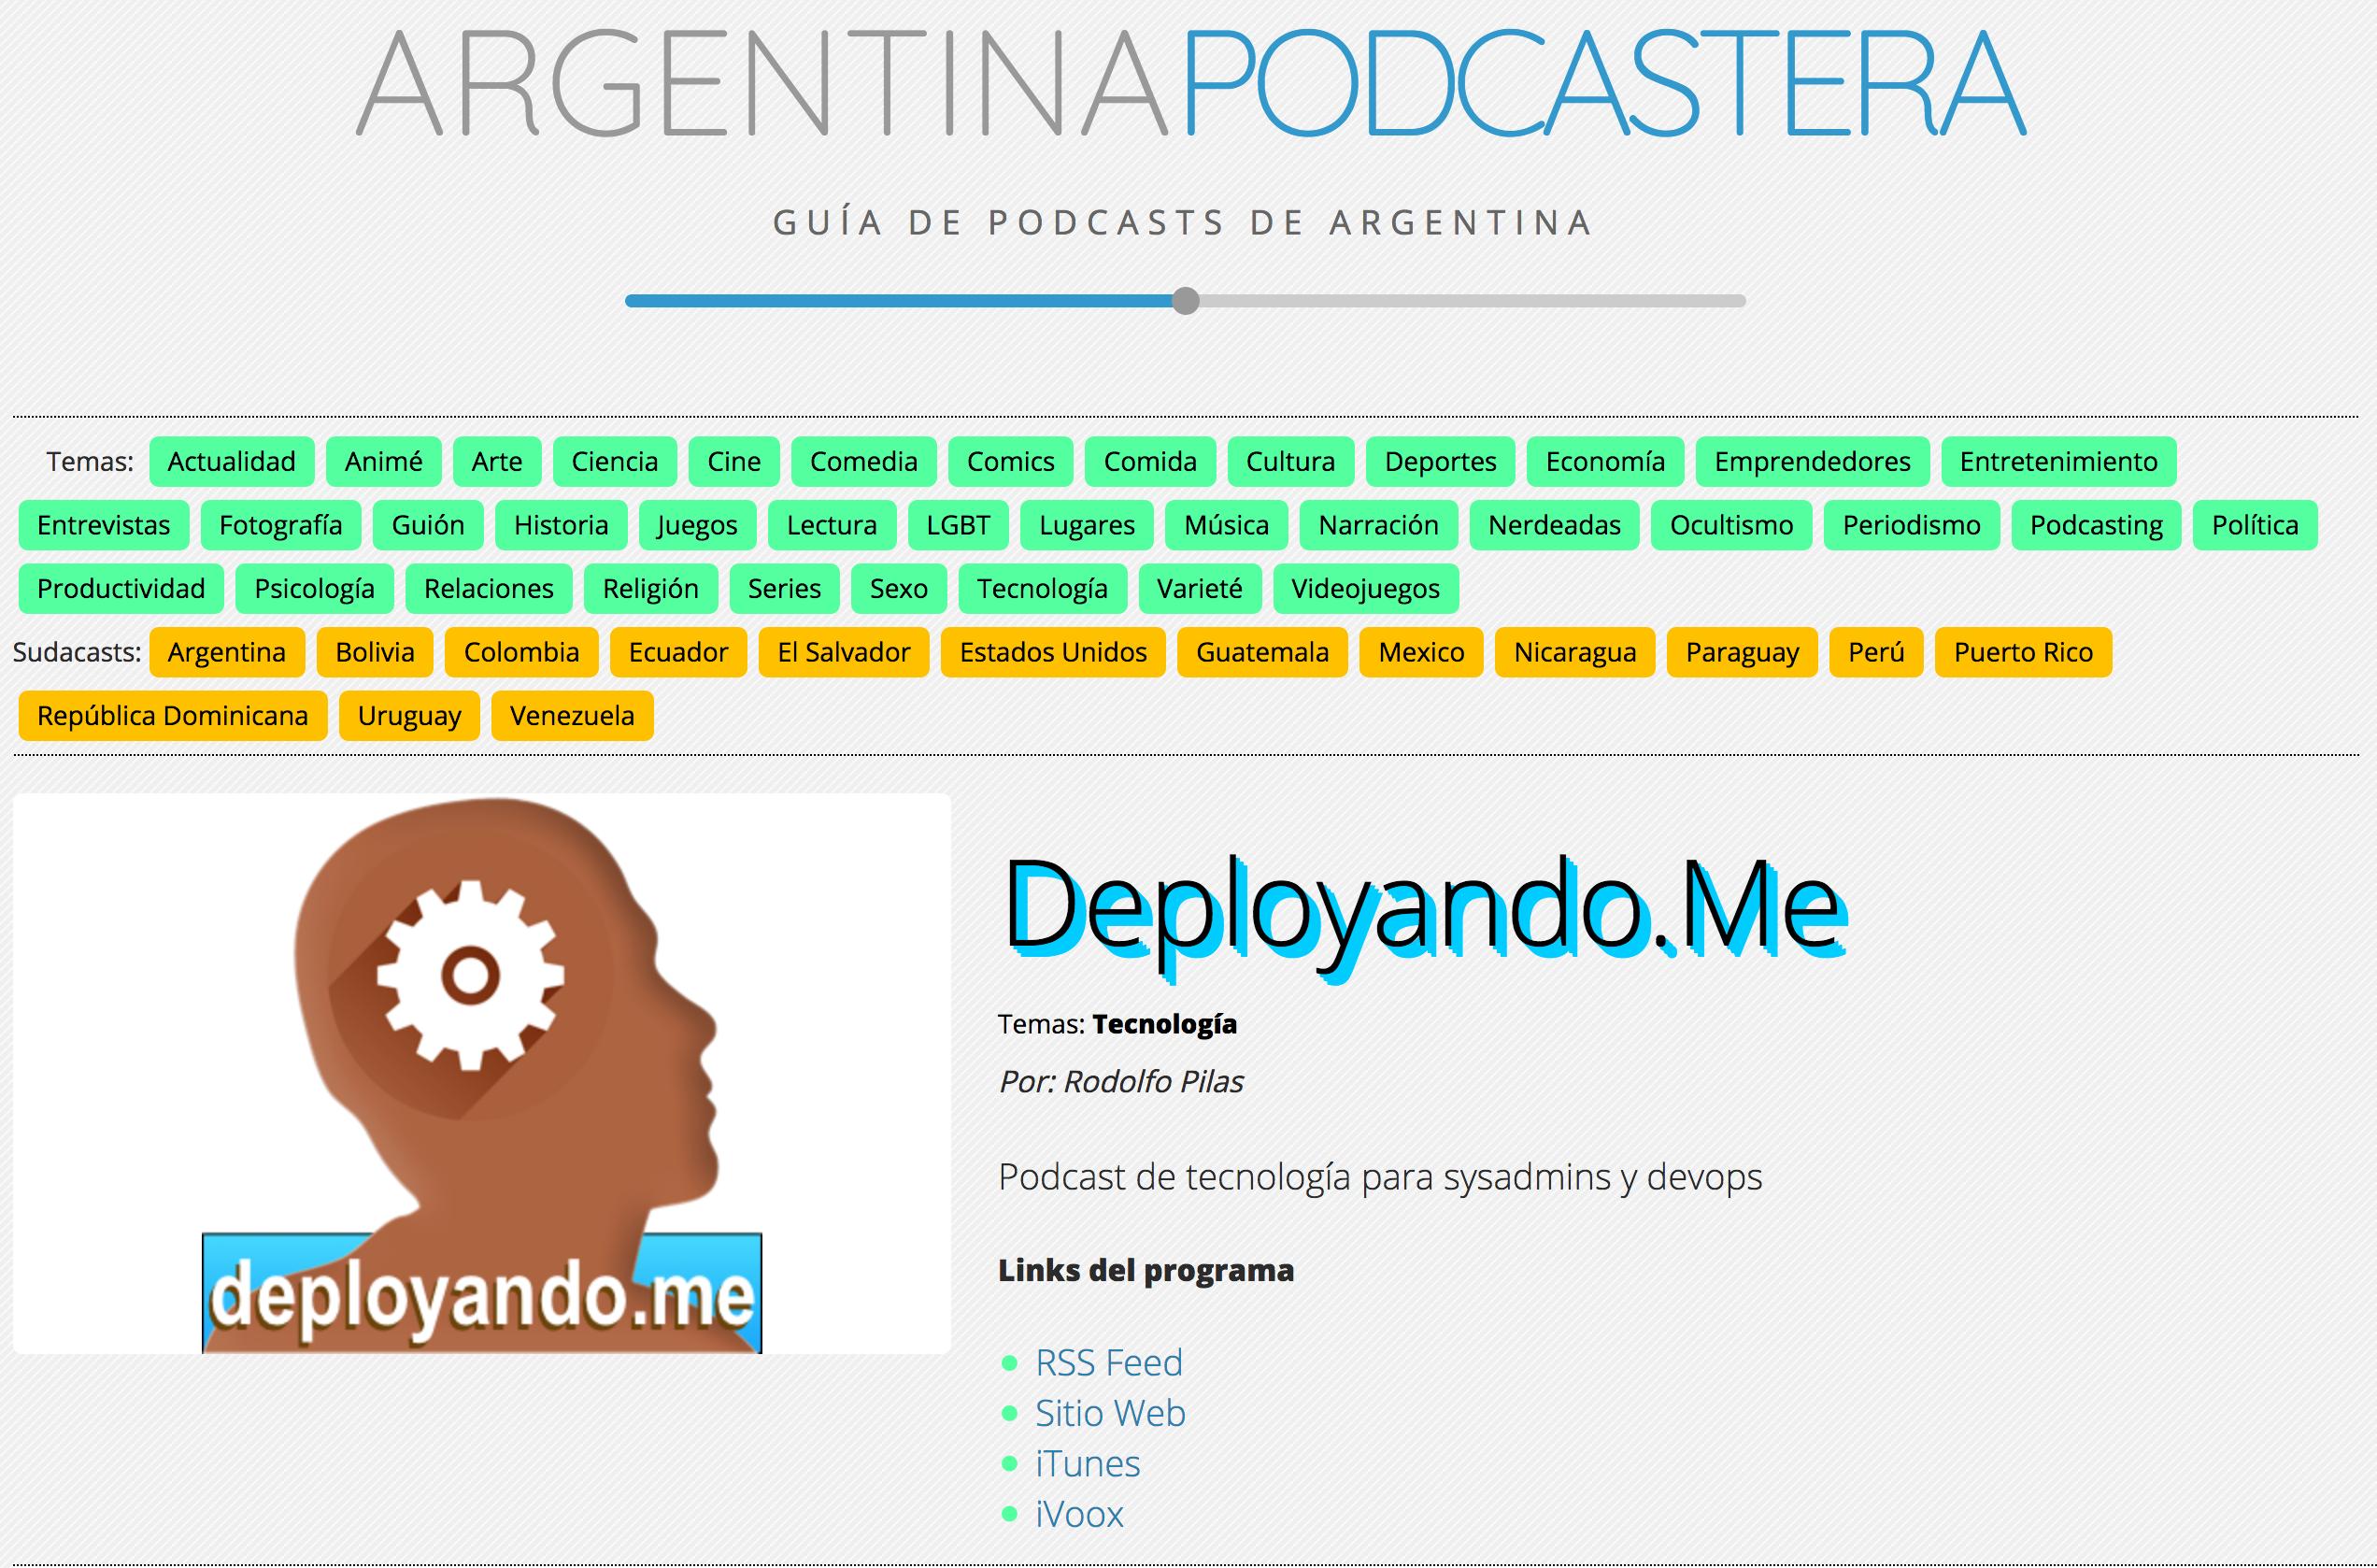 Argentina Podcastera